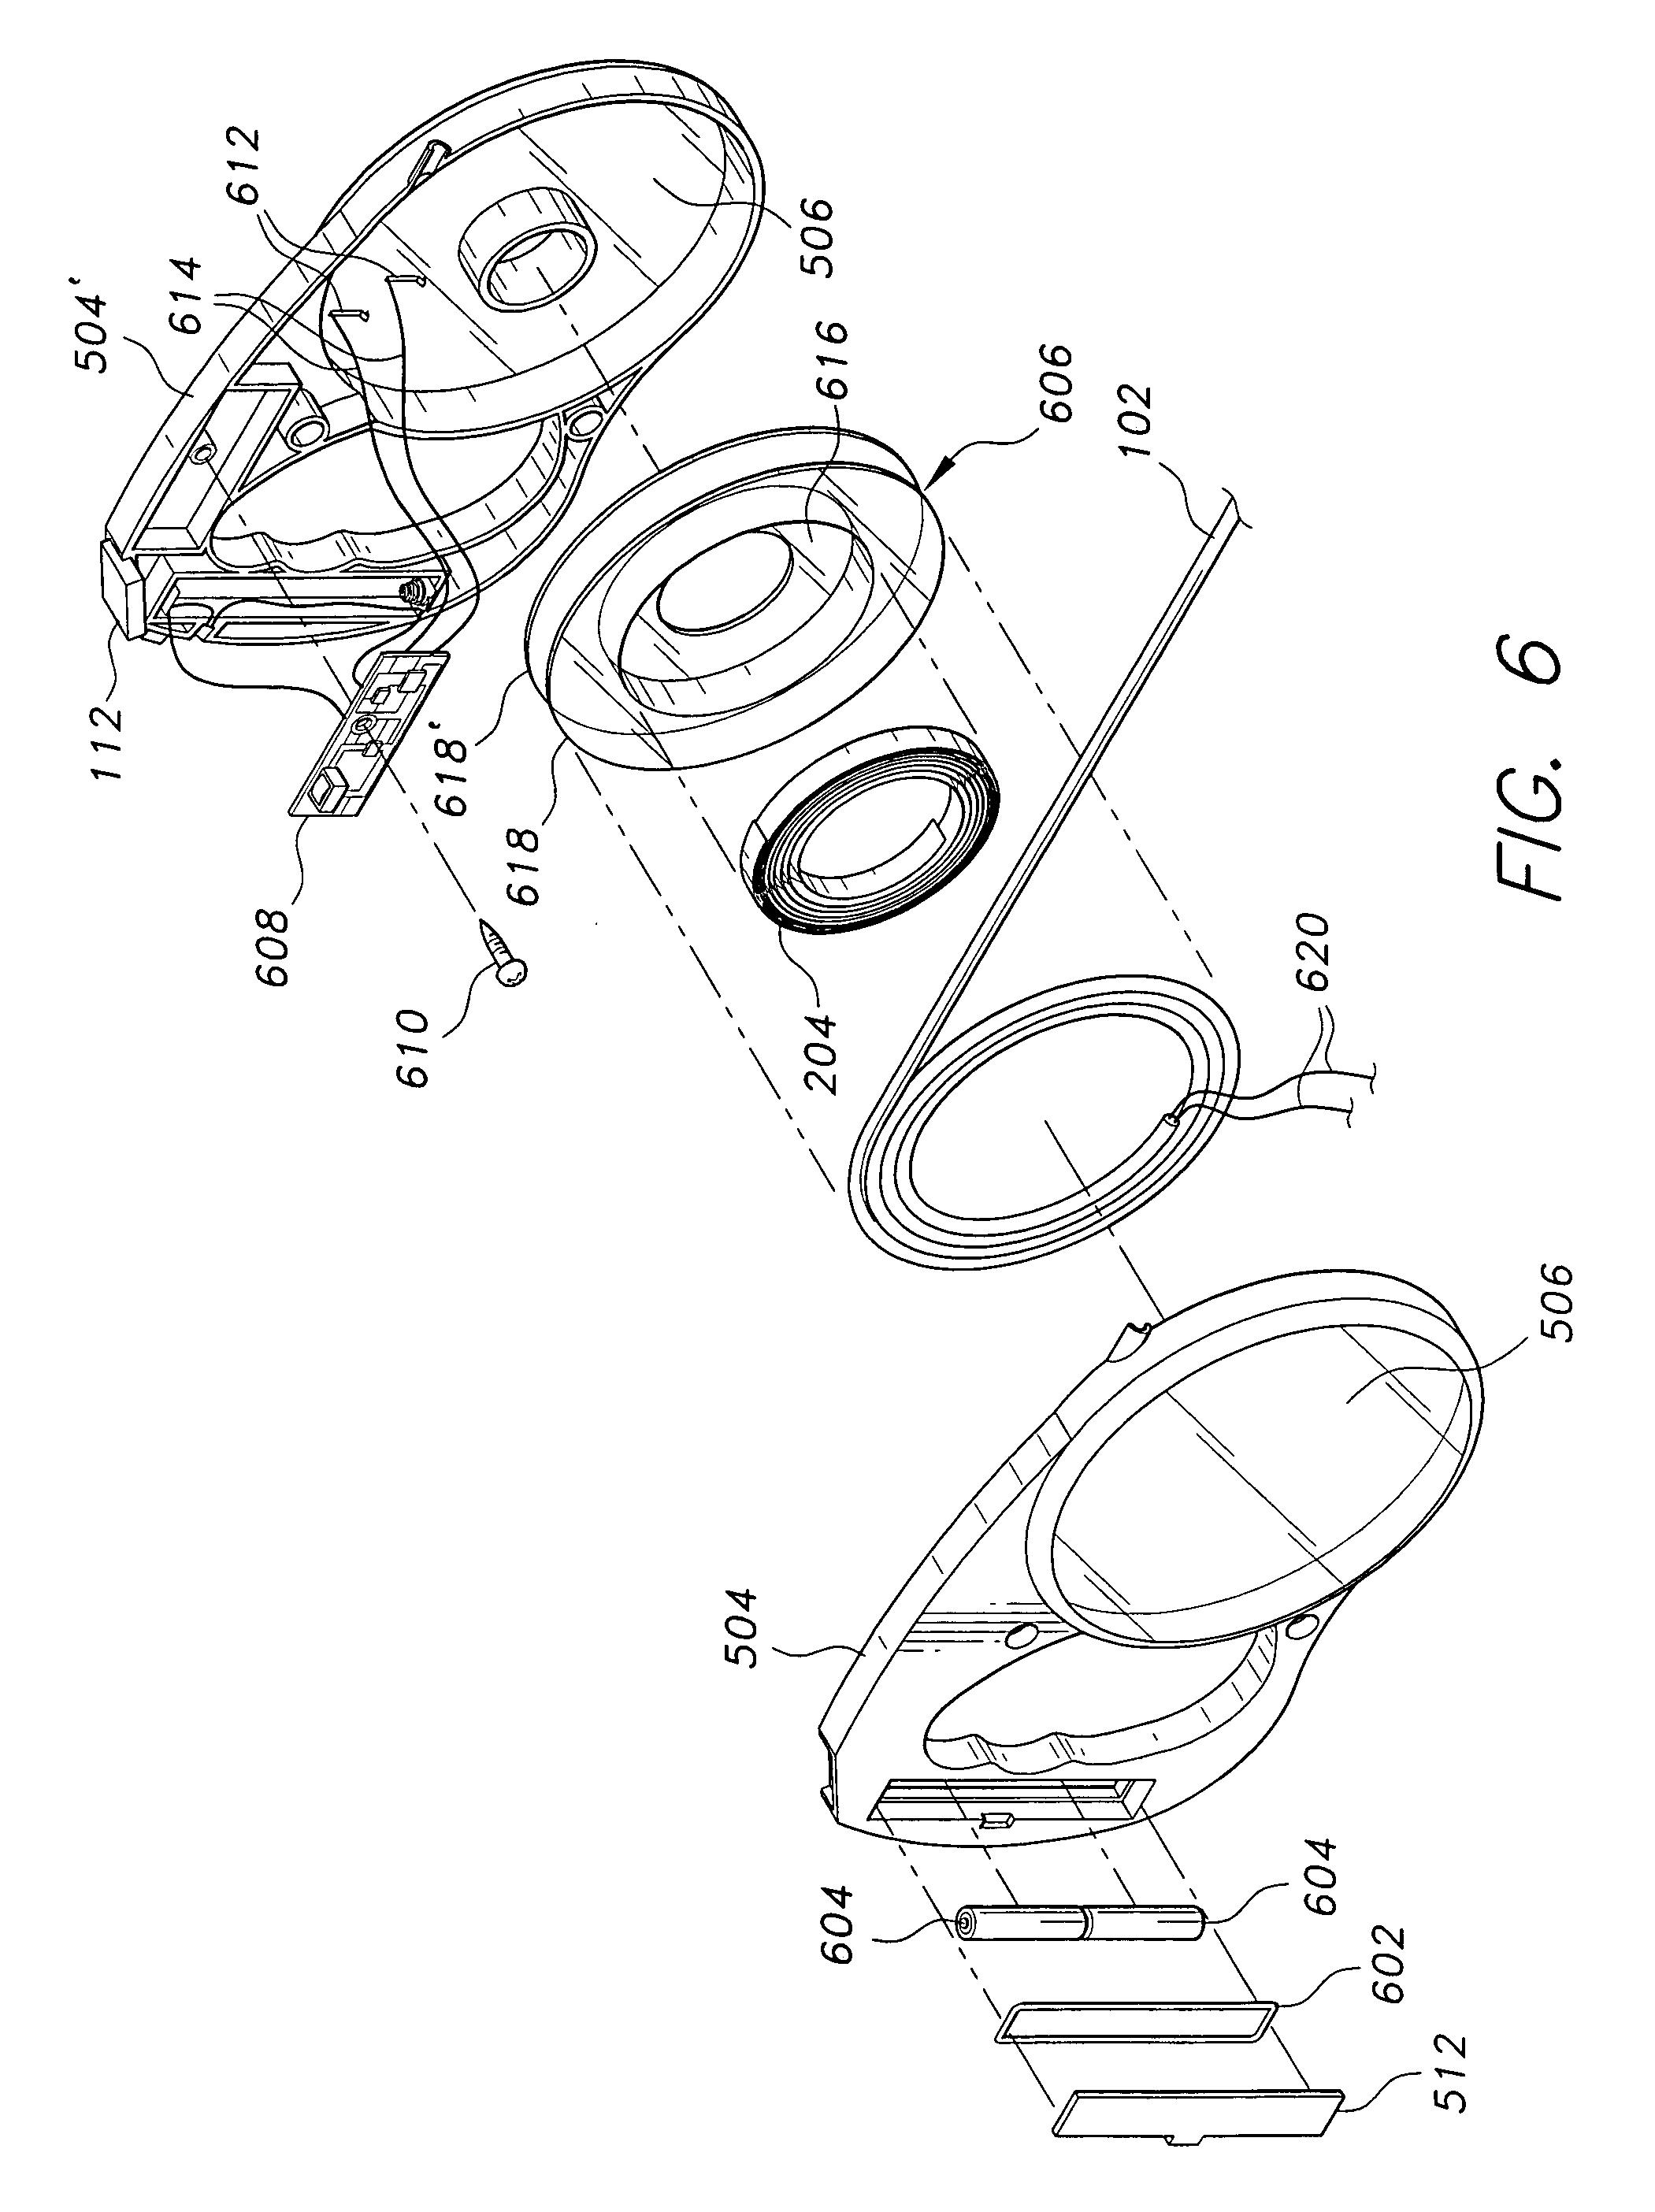 patent us6925967 - illuminated retractable leash